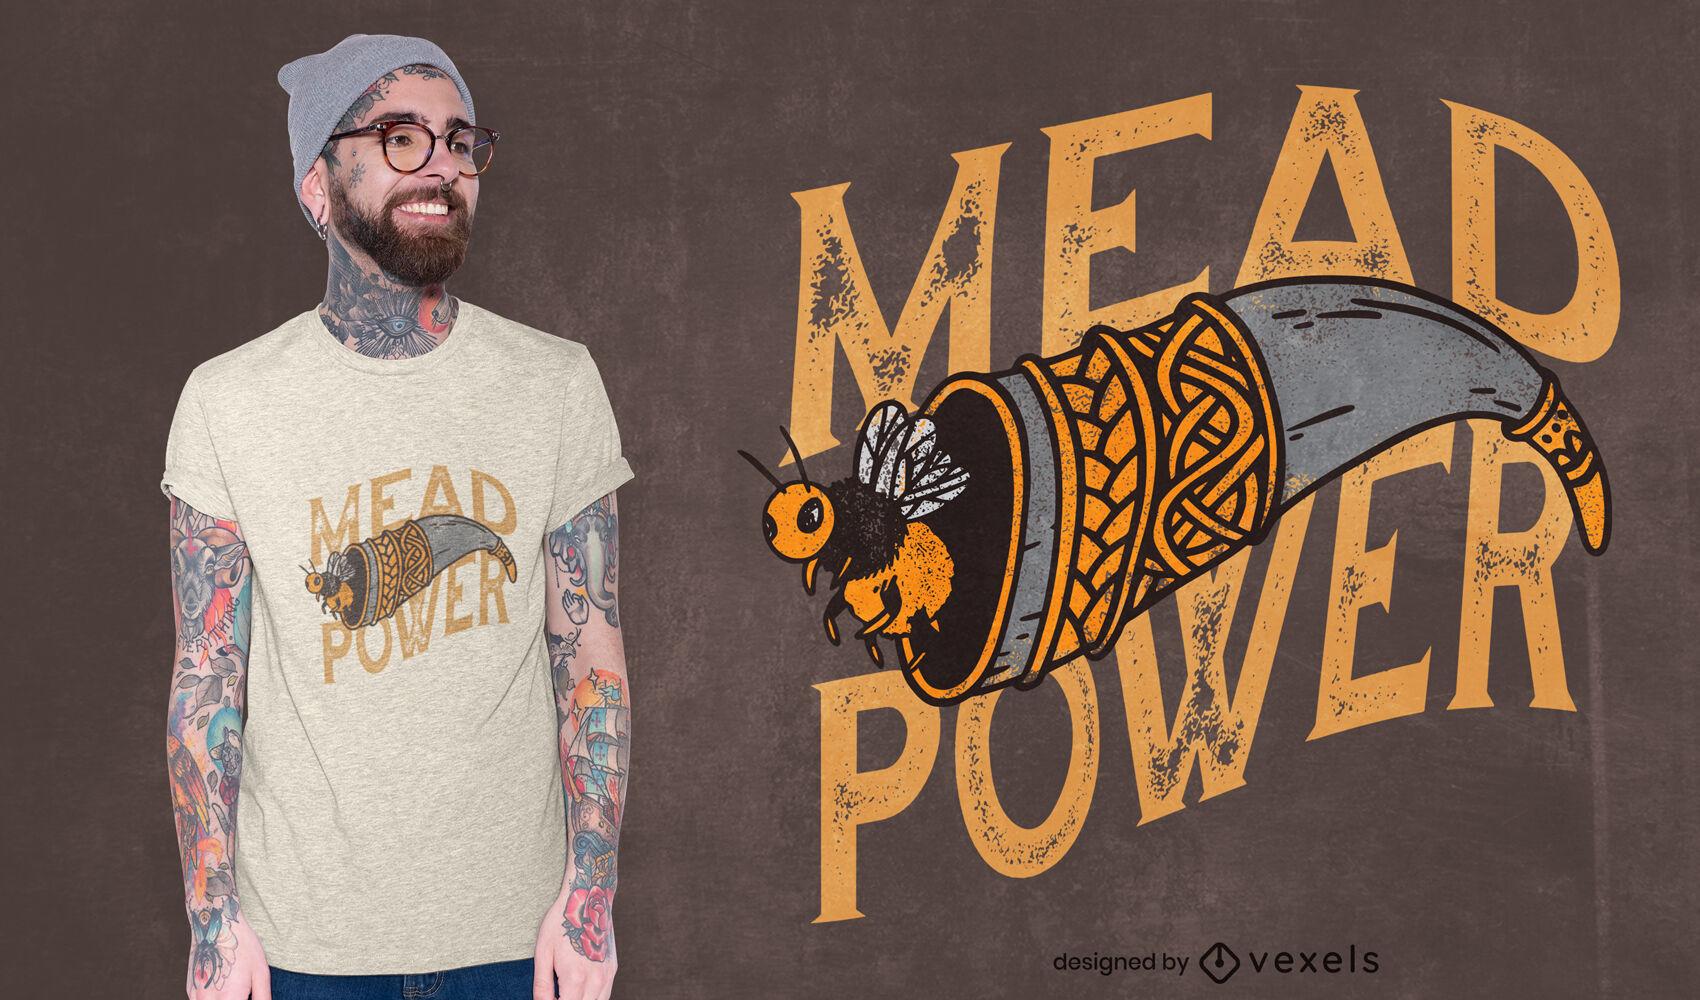 Diseño de camiseta con textura Mead Power